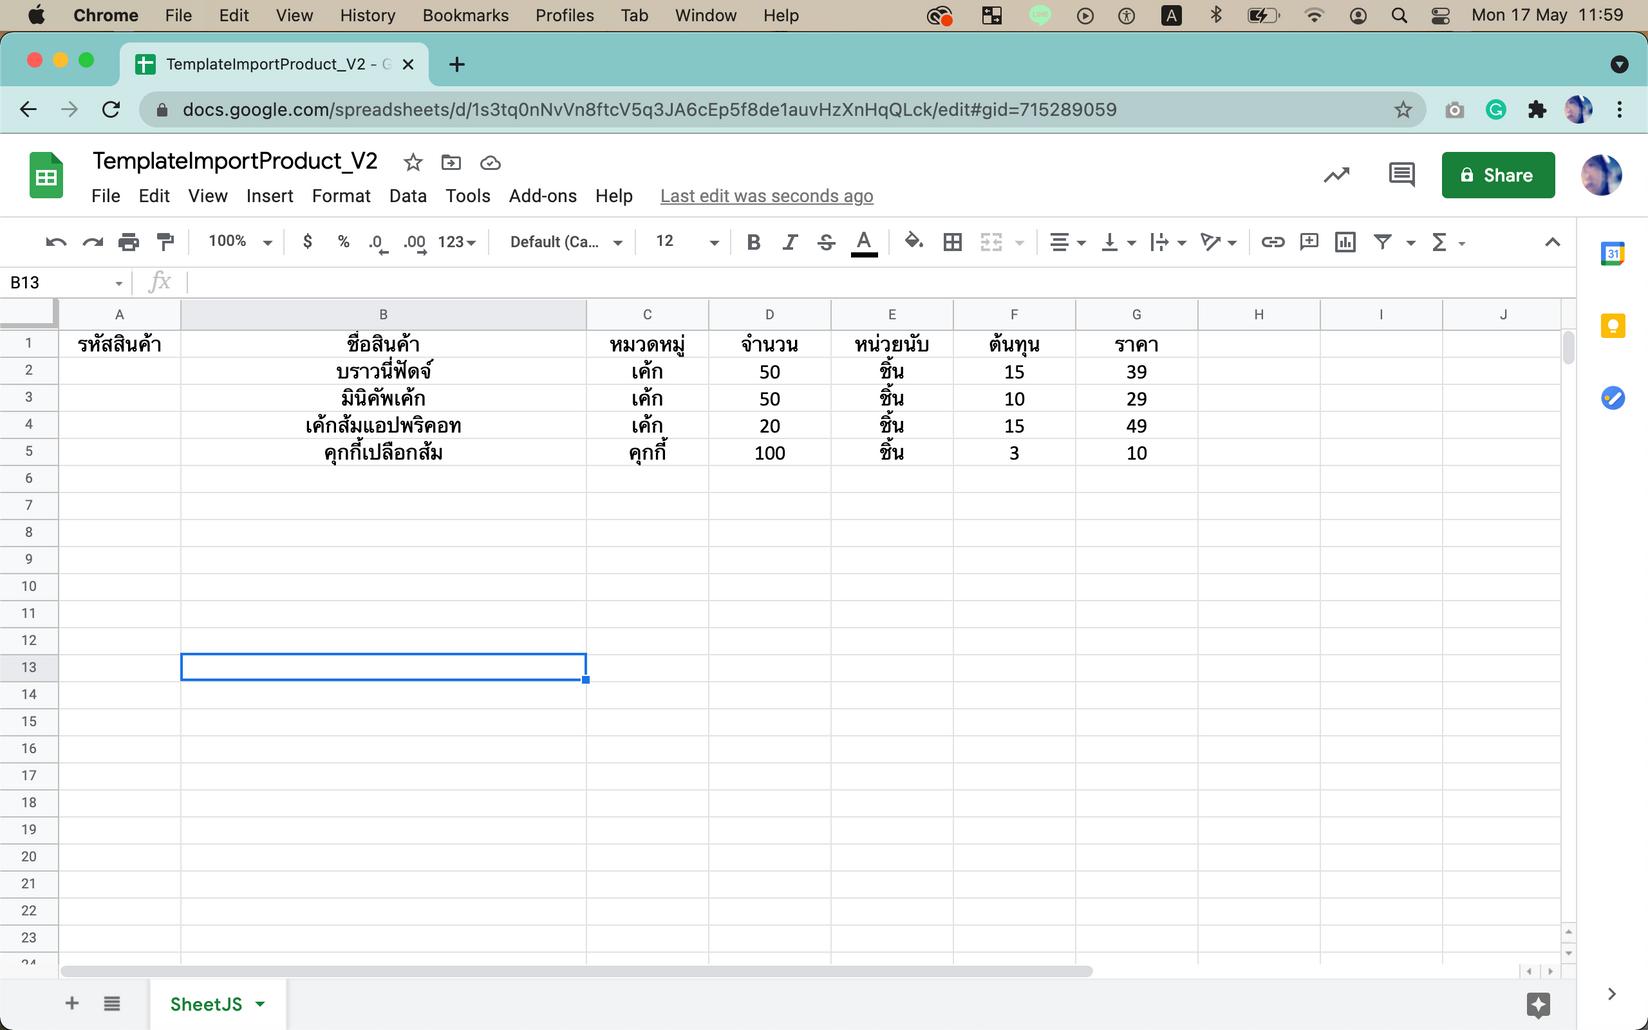 เพิ่มรายละเอียดสินค้า ไฟล์ Excel